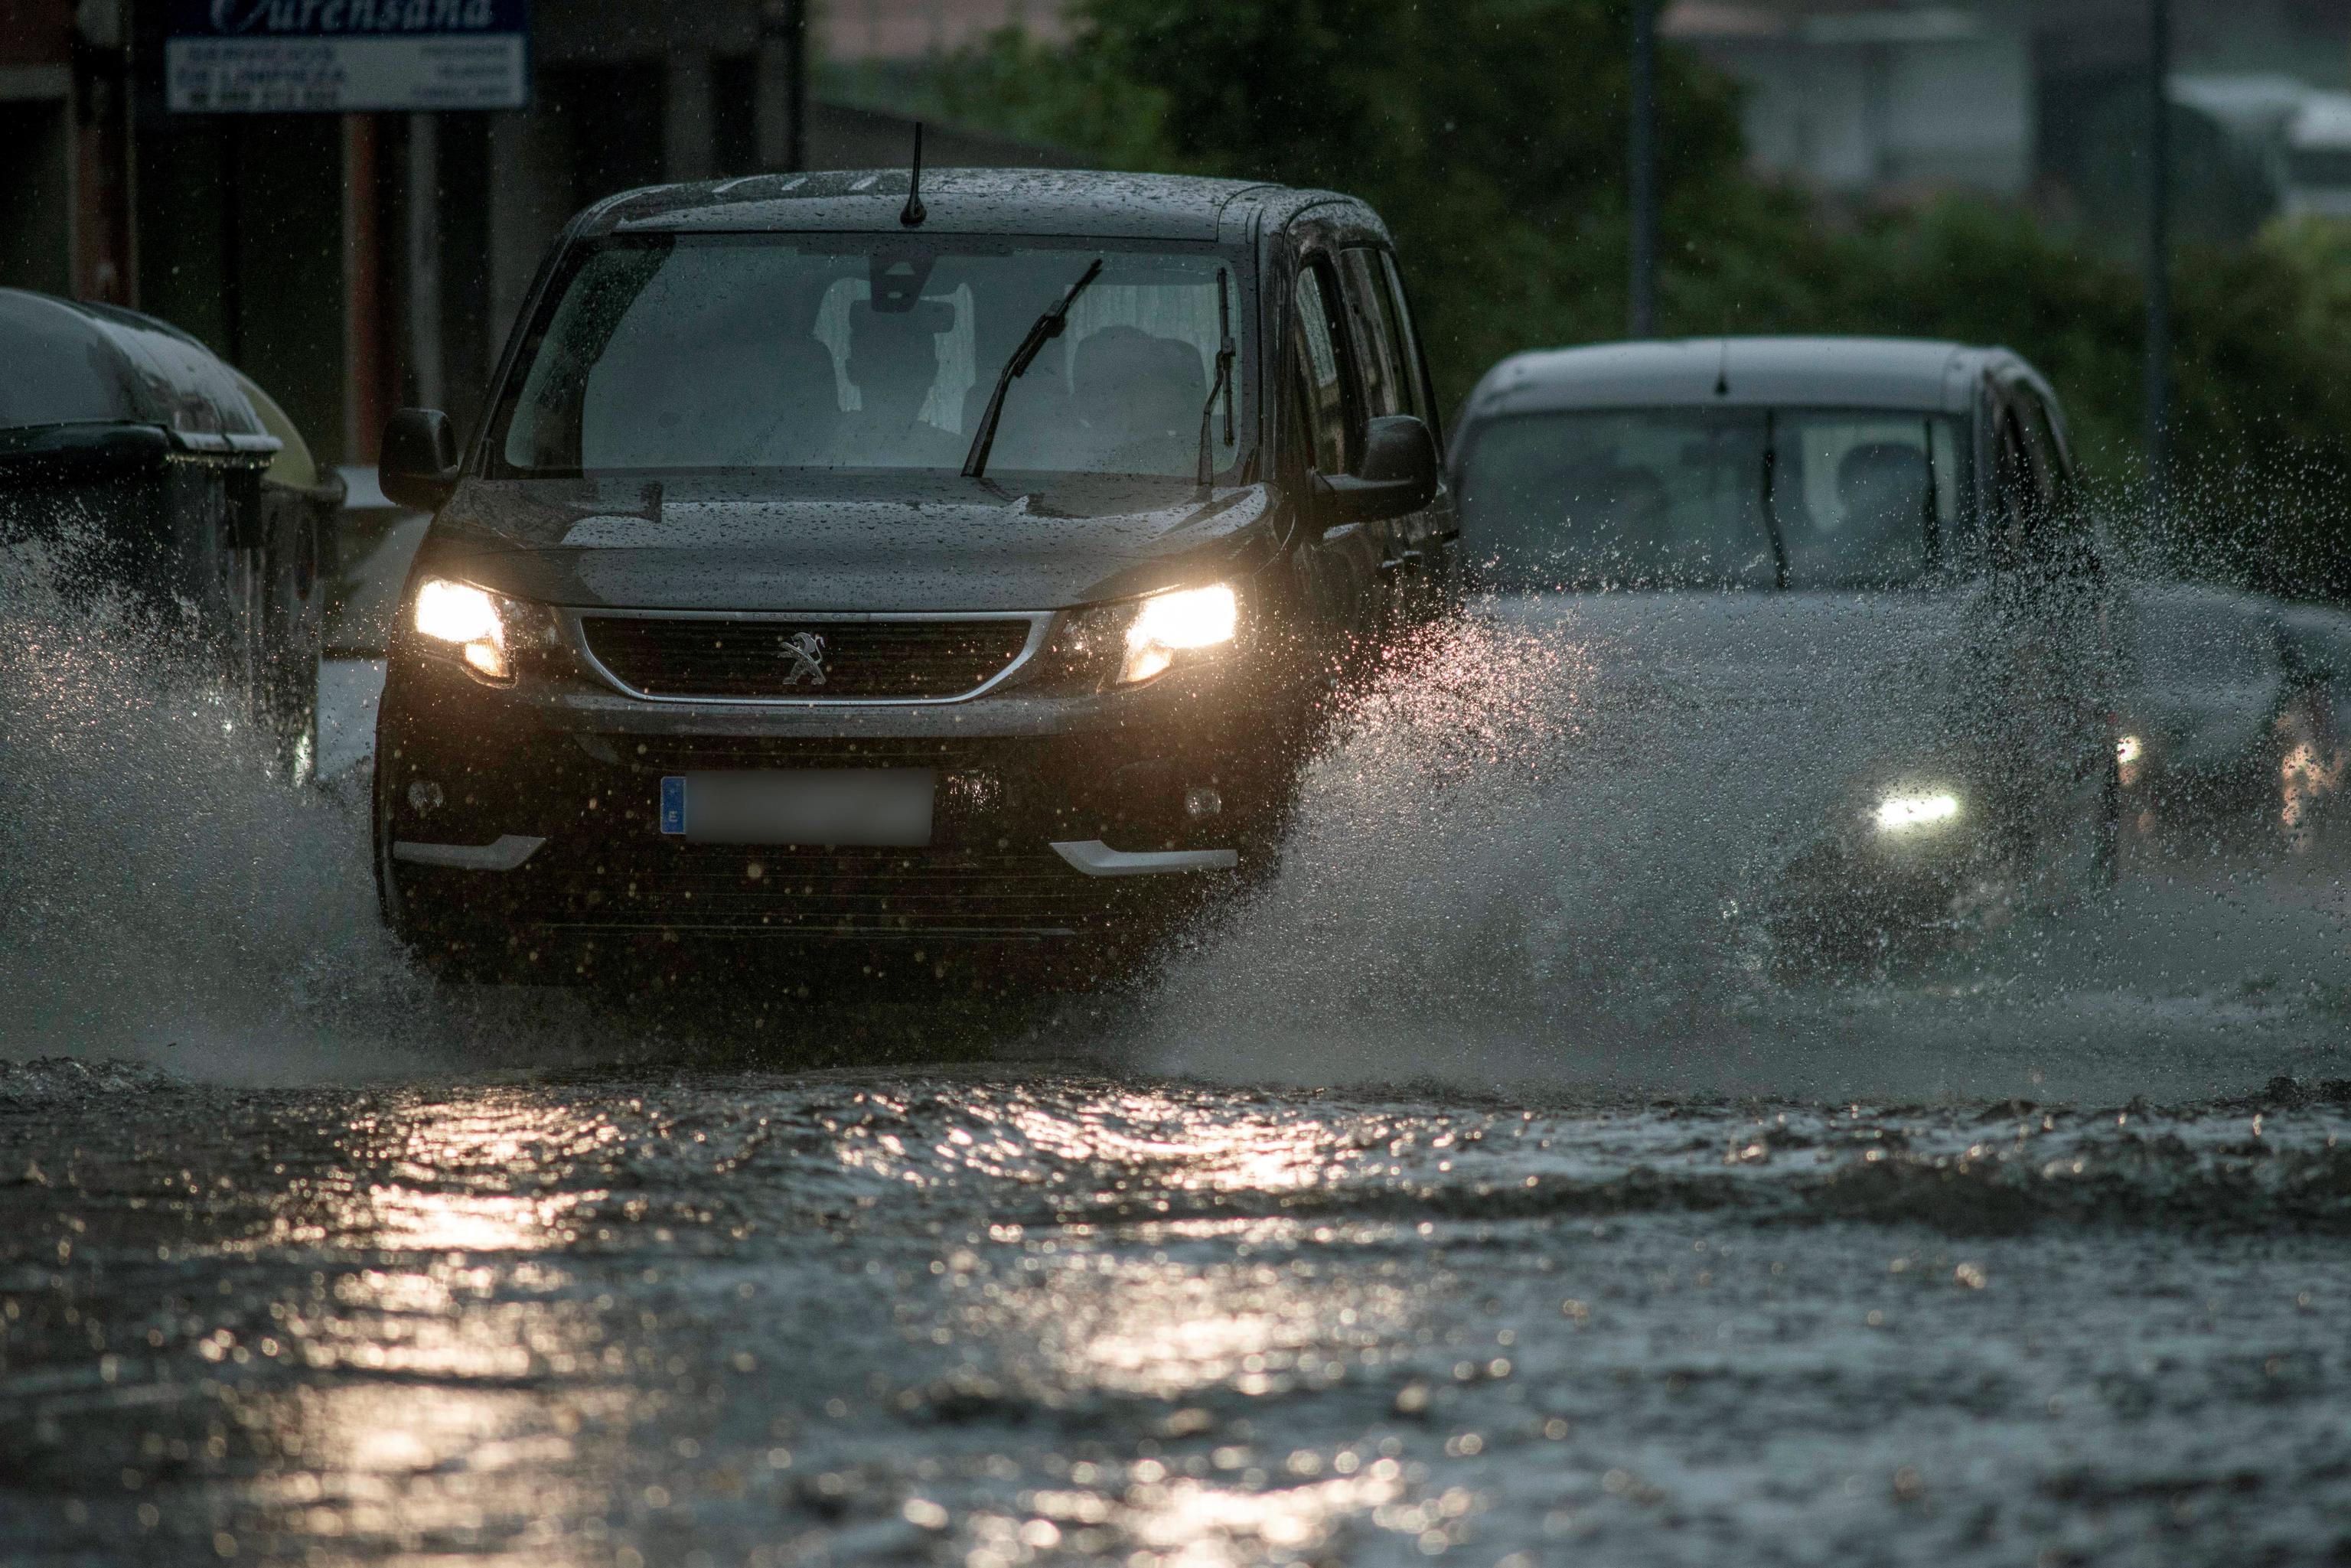 Varios vehículos circulan ayer bajo una intensa lluvia en Orense.